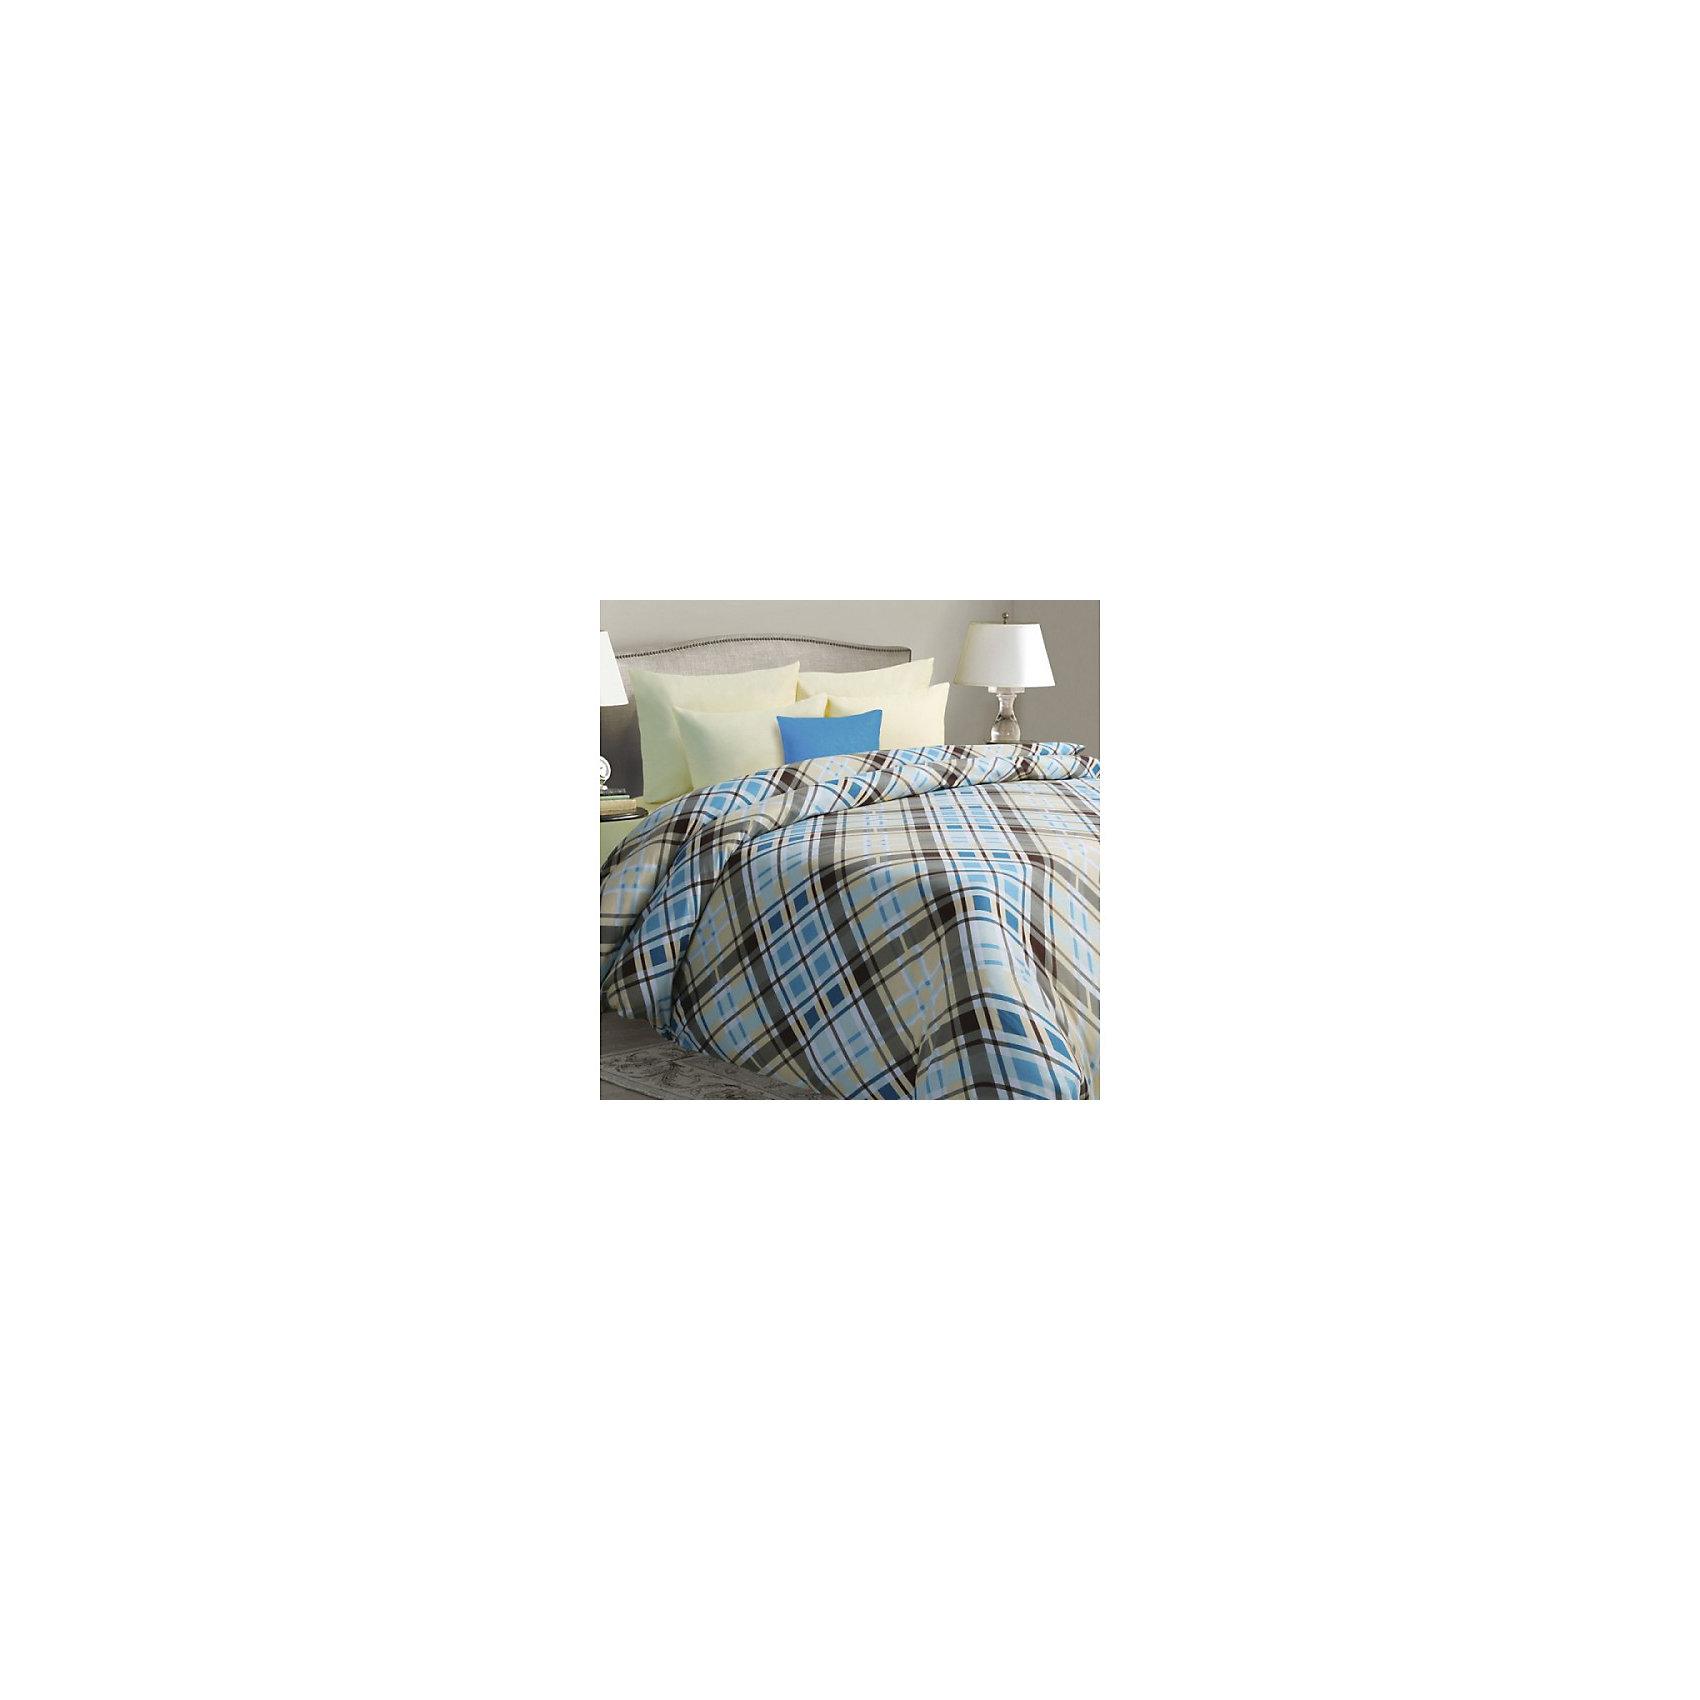 Постельное белье Britain, 1,5-спальный, 70*70, Батист, Mona LizaКомплект постельного белья  Britain  торговой марки Mona Liza декорирован модным принтом клеткой и, наверняка, будет оценен молодыми и современными людьми,  создающими модный интерьер спальни и делающими быт более комфортным. Белье изготовлено из нежнейшей ткани -батиста, которая гарантирует здоровый и спокойный сон в любое время года, ведь материал обладает дышащими, впитывающими и гигиеническими свойствами. Ткань мягкая приятная  на ощупь, а вся насыщенность цветовой гаммы передана. Вам не доставит хлопот постирать, высушить или погладить комплект. Белье  хорошо сохраняет цвет даже после множества стирок. Комплект состоит из пододеяльника, простыни и двух наволочек.<br><br>Дополнительная информация: <br><br>- производитель: mona liza<br>- материал: батист<br>- состав: 100% хлопок<br>- размер: полутороспальное<br>- размер пододеяльника: 145*210 см<br>- тип застежки: пуговицы<br>- размер простыни: 150*215 (обычная)<br>- размер наволочек: 50*70 (2 шт)<br>- упаковка комплекта: книжка пвх<br>- страна бренда: Россия<br>- страна производитель: Россия<br><br>Комплект постельного белья  Britain  торговой марки Мона Лиза  можно купить в нашем интернет-магазине.<br><br>Ширина мм: 240<br>Глубина мм: 60<br>Высота мм: 350<br>Вес г: 1465<br>Возраст от месяцев: 84<br>Возраст до месяцев: 1188<br>Пол: Унисекс<br>Возраст: Детский<br>SKU: 4902112